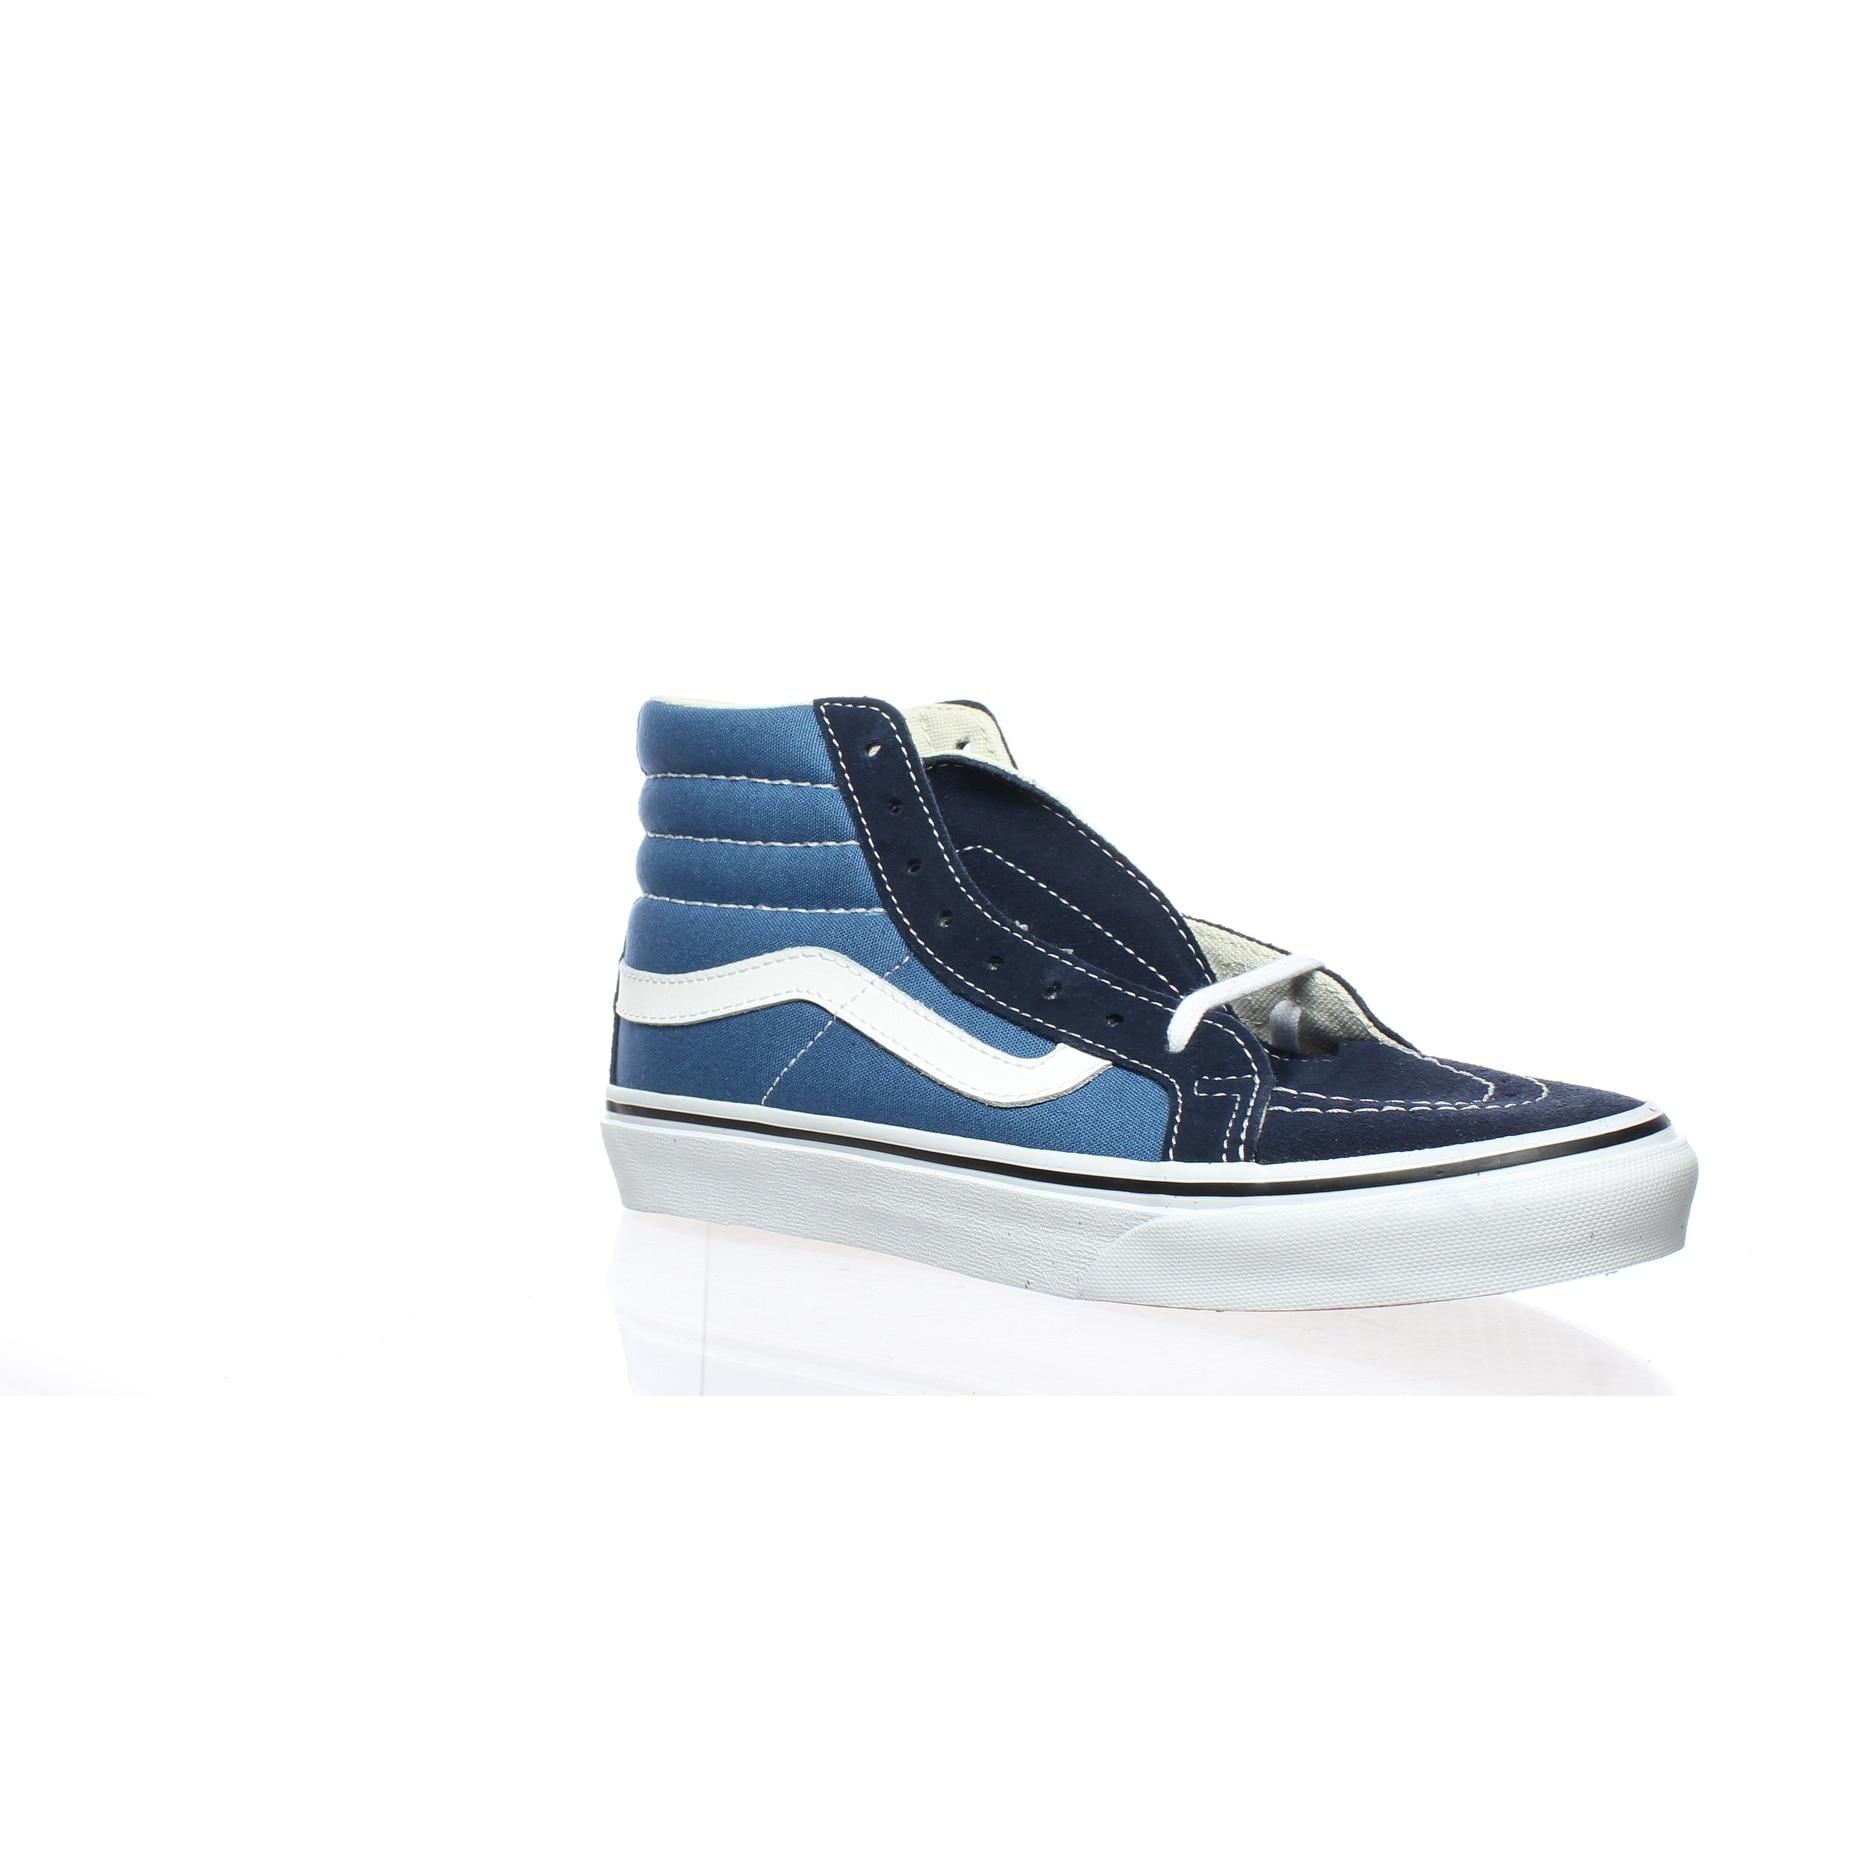 7acd93d7c8 Buy Vans Women s Athletic Shoes Online at Overstock